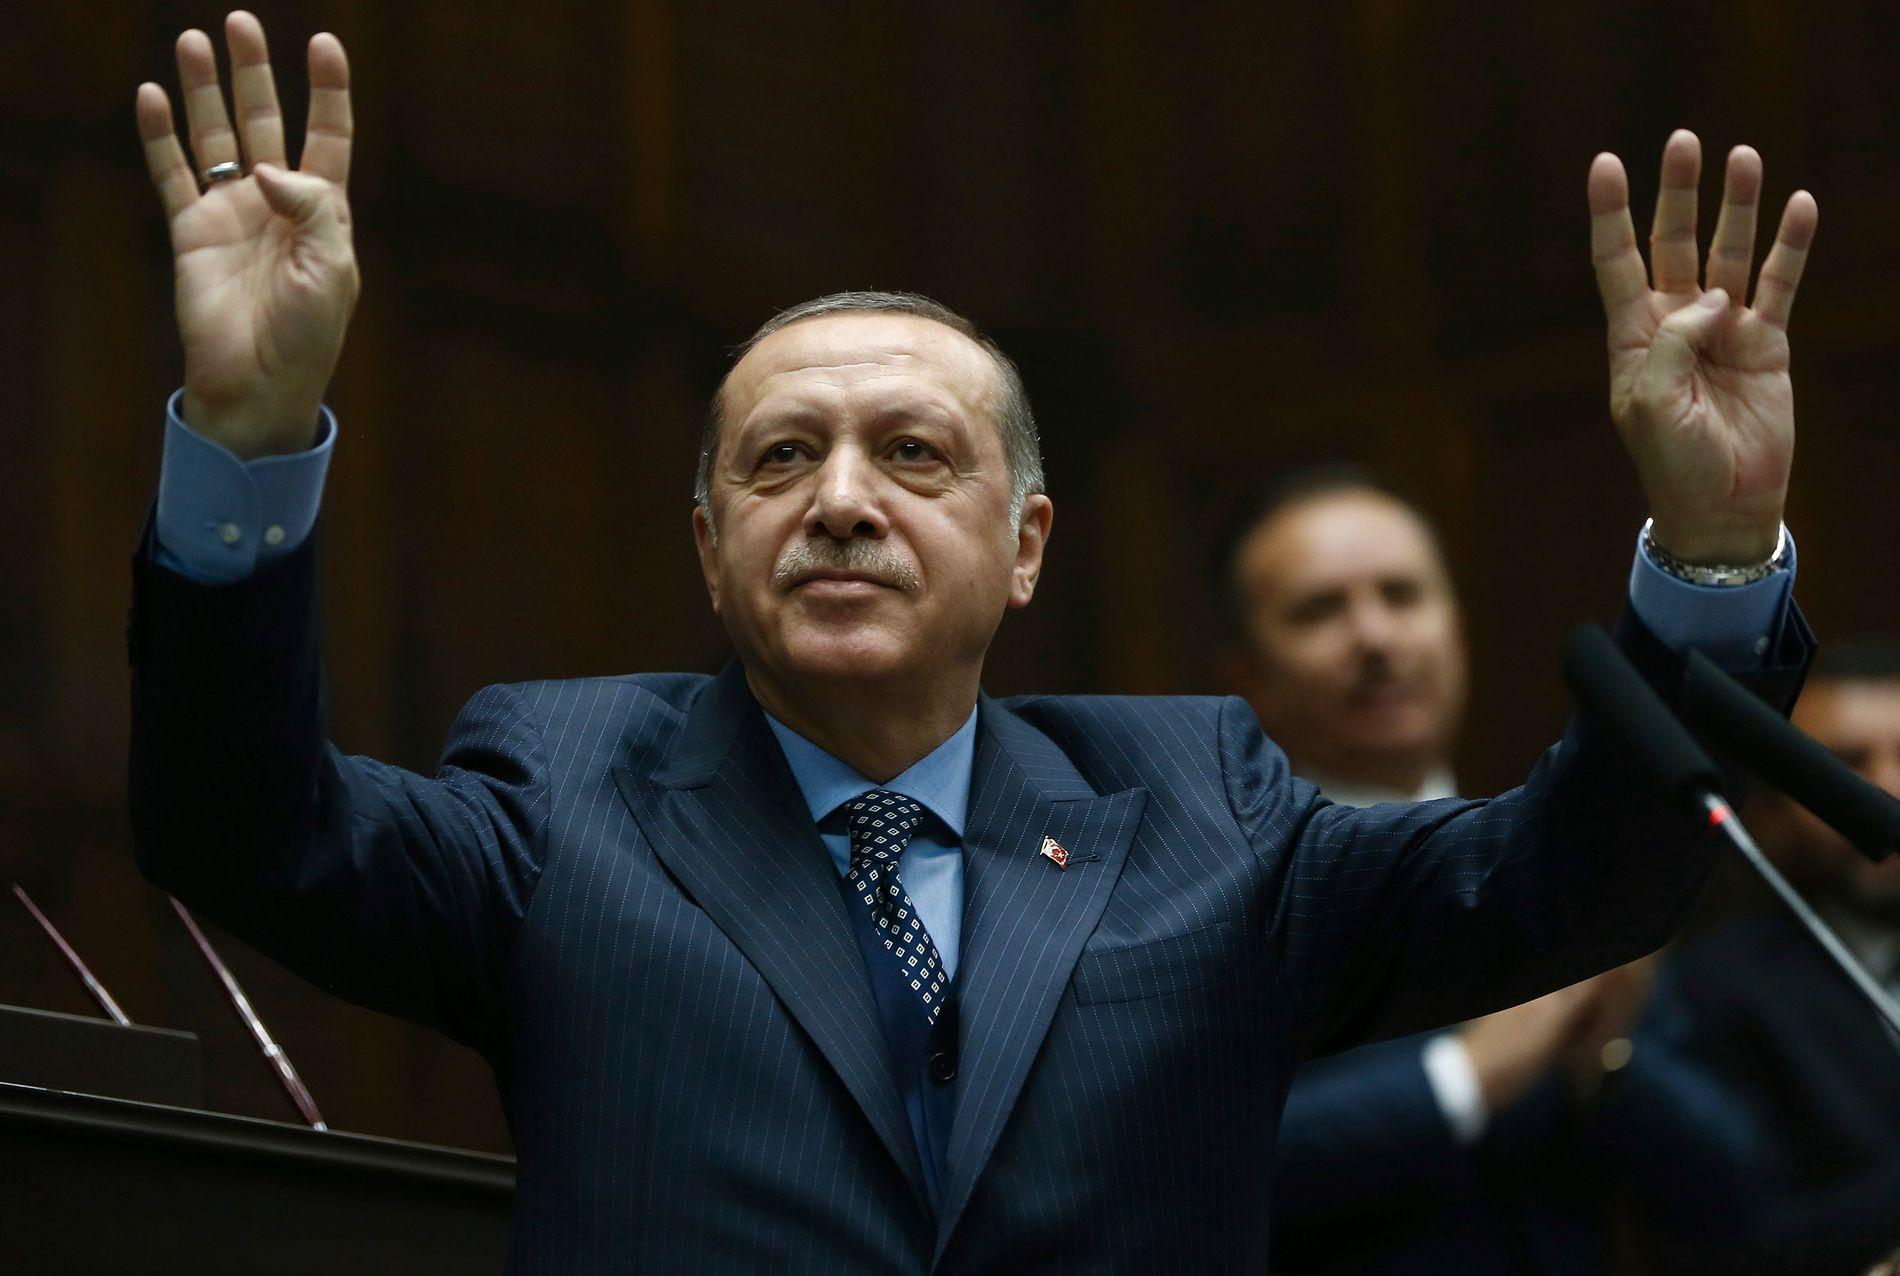 KNYTTES TIL ANKLAGEN: Rettssaken på Manhattan går helt opp til Tyrkias president Recep Tayyip Erdogan. Her fra et møte i parlamentet i Ankara 28. november.